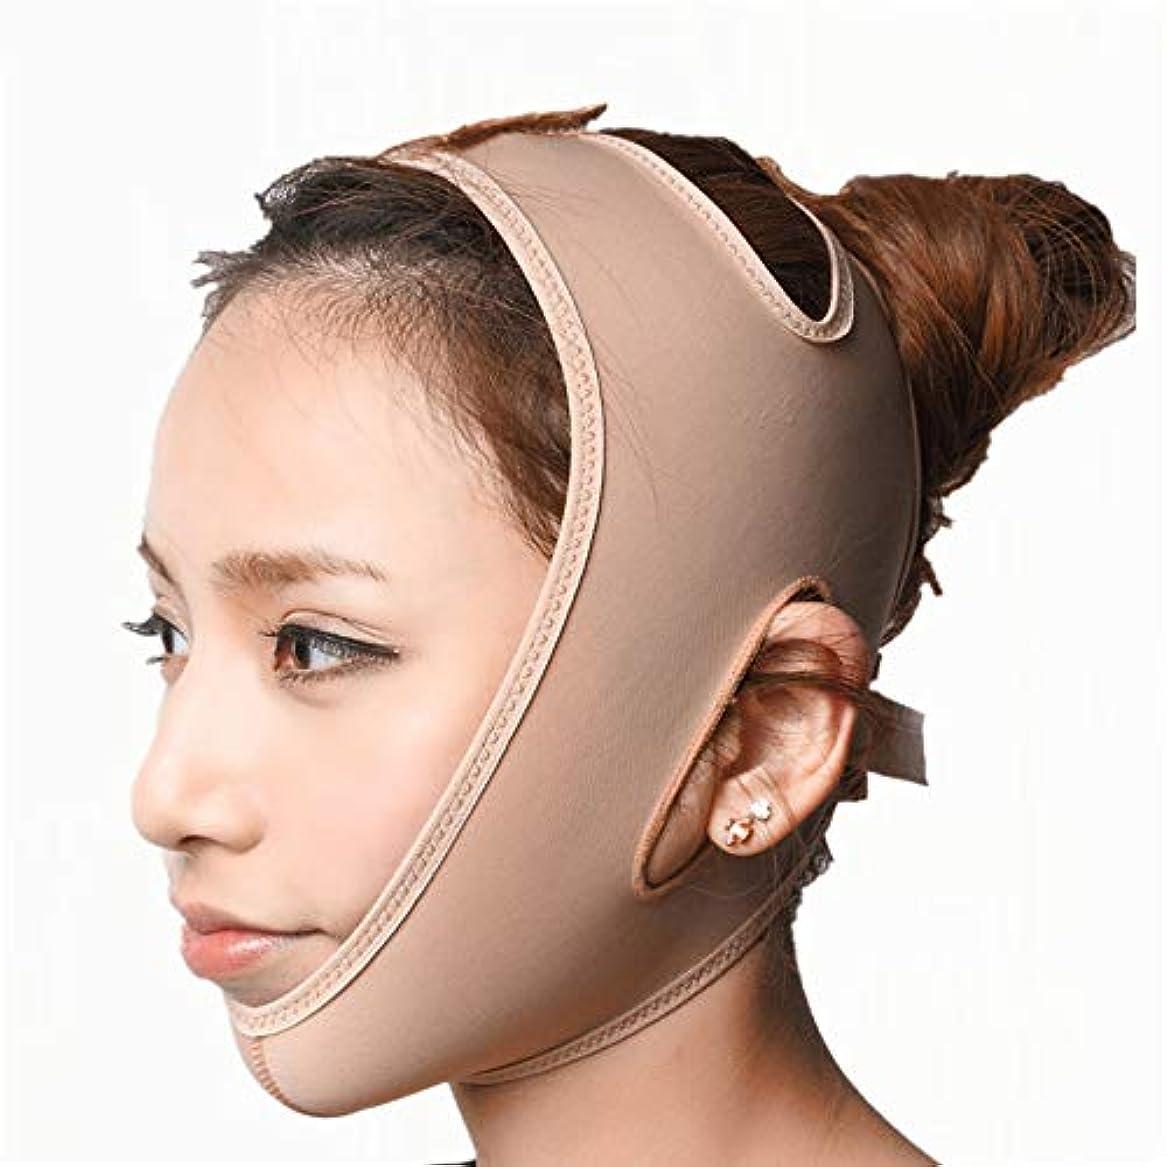 誰も害虫薄い顔のベルト - 薄い顔のアーチファクトVの顔の包帯マスクの顔のマッサージャー薄いダブルの顎のデバイス